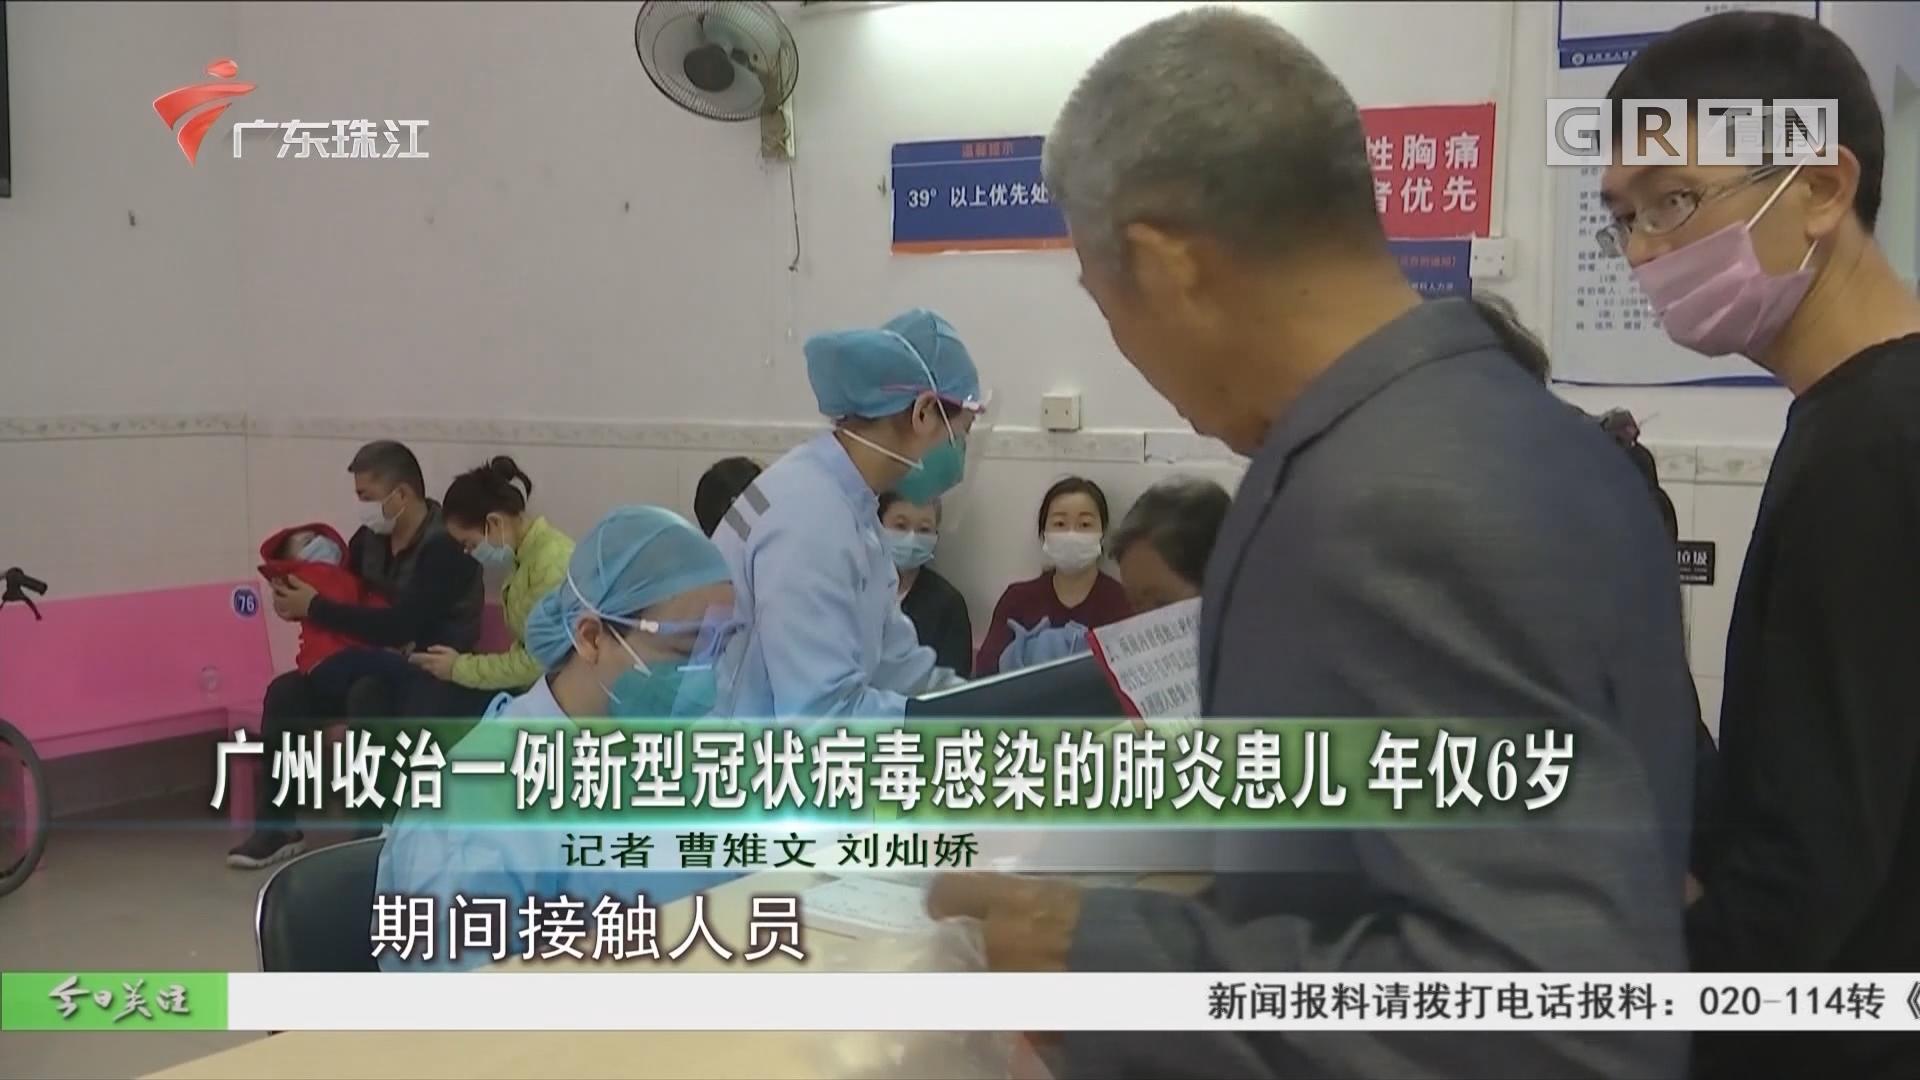 广州收治一例新型冠状病毒感染的肺炎患儿 年仅6岁